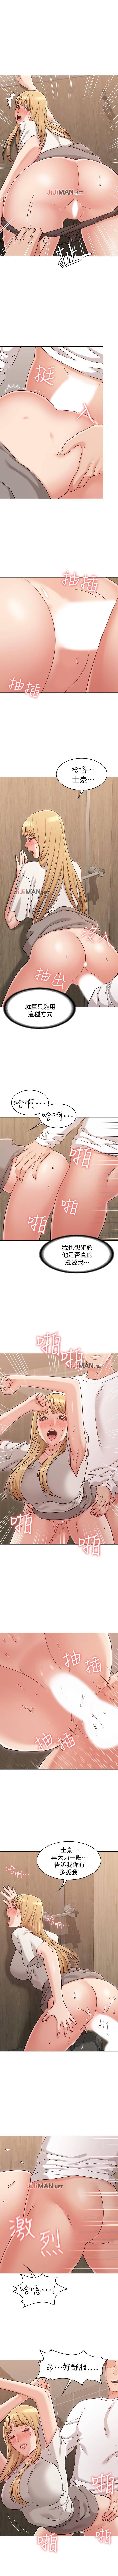 【周六连载】女友的姐姐(作者:橡果人&獵狗) 第1~23话 160